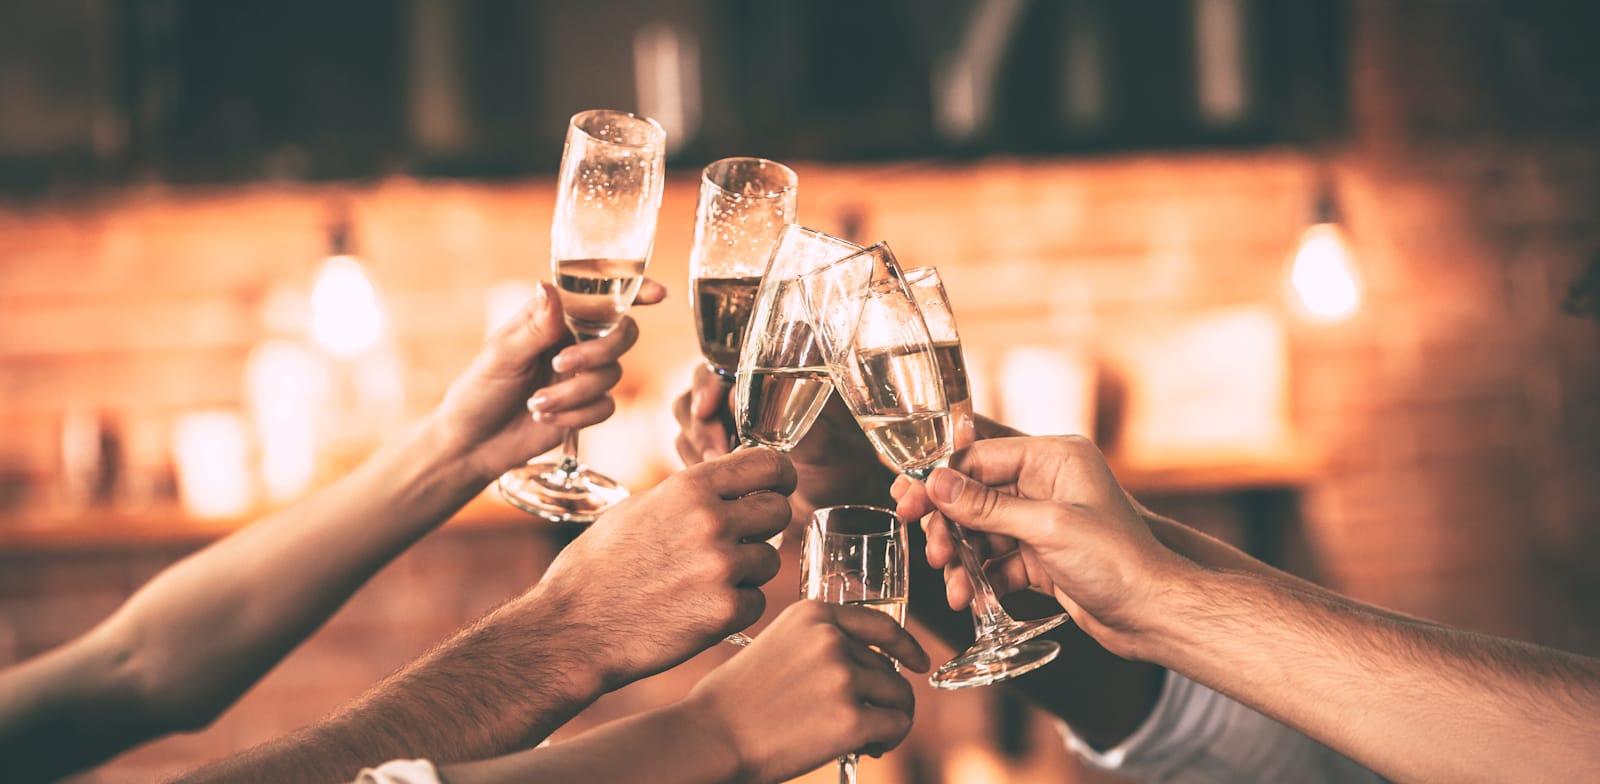 חגיגה עם יין לכבוד השנה החדשה / צילום: Shutterstock